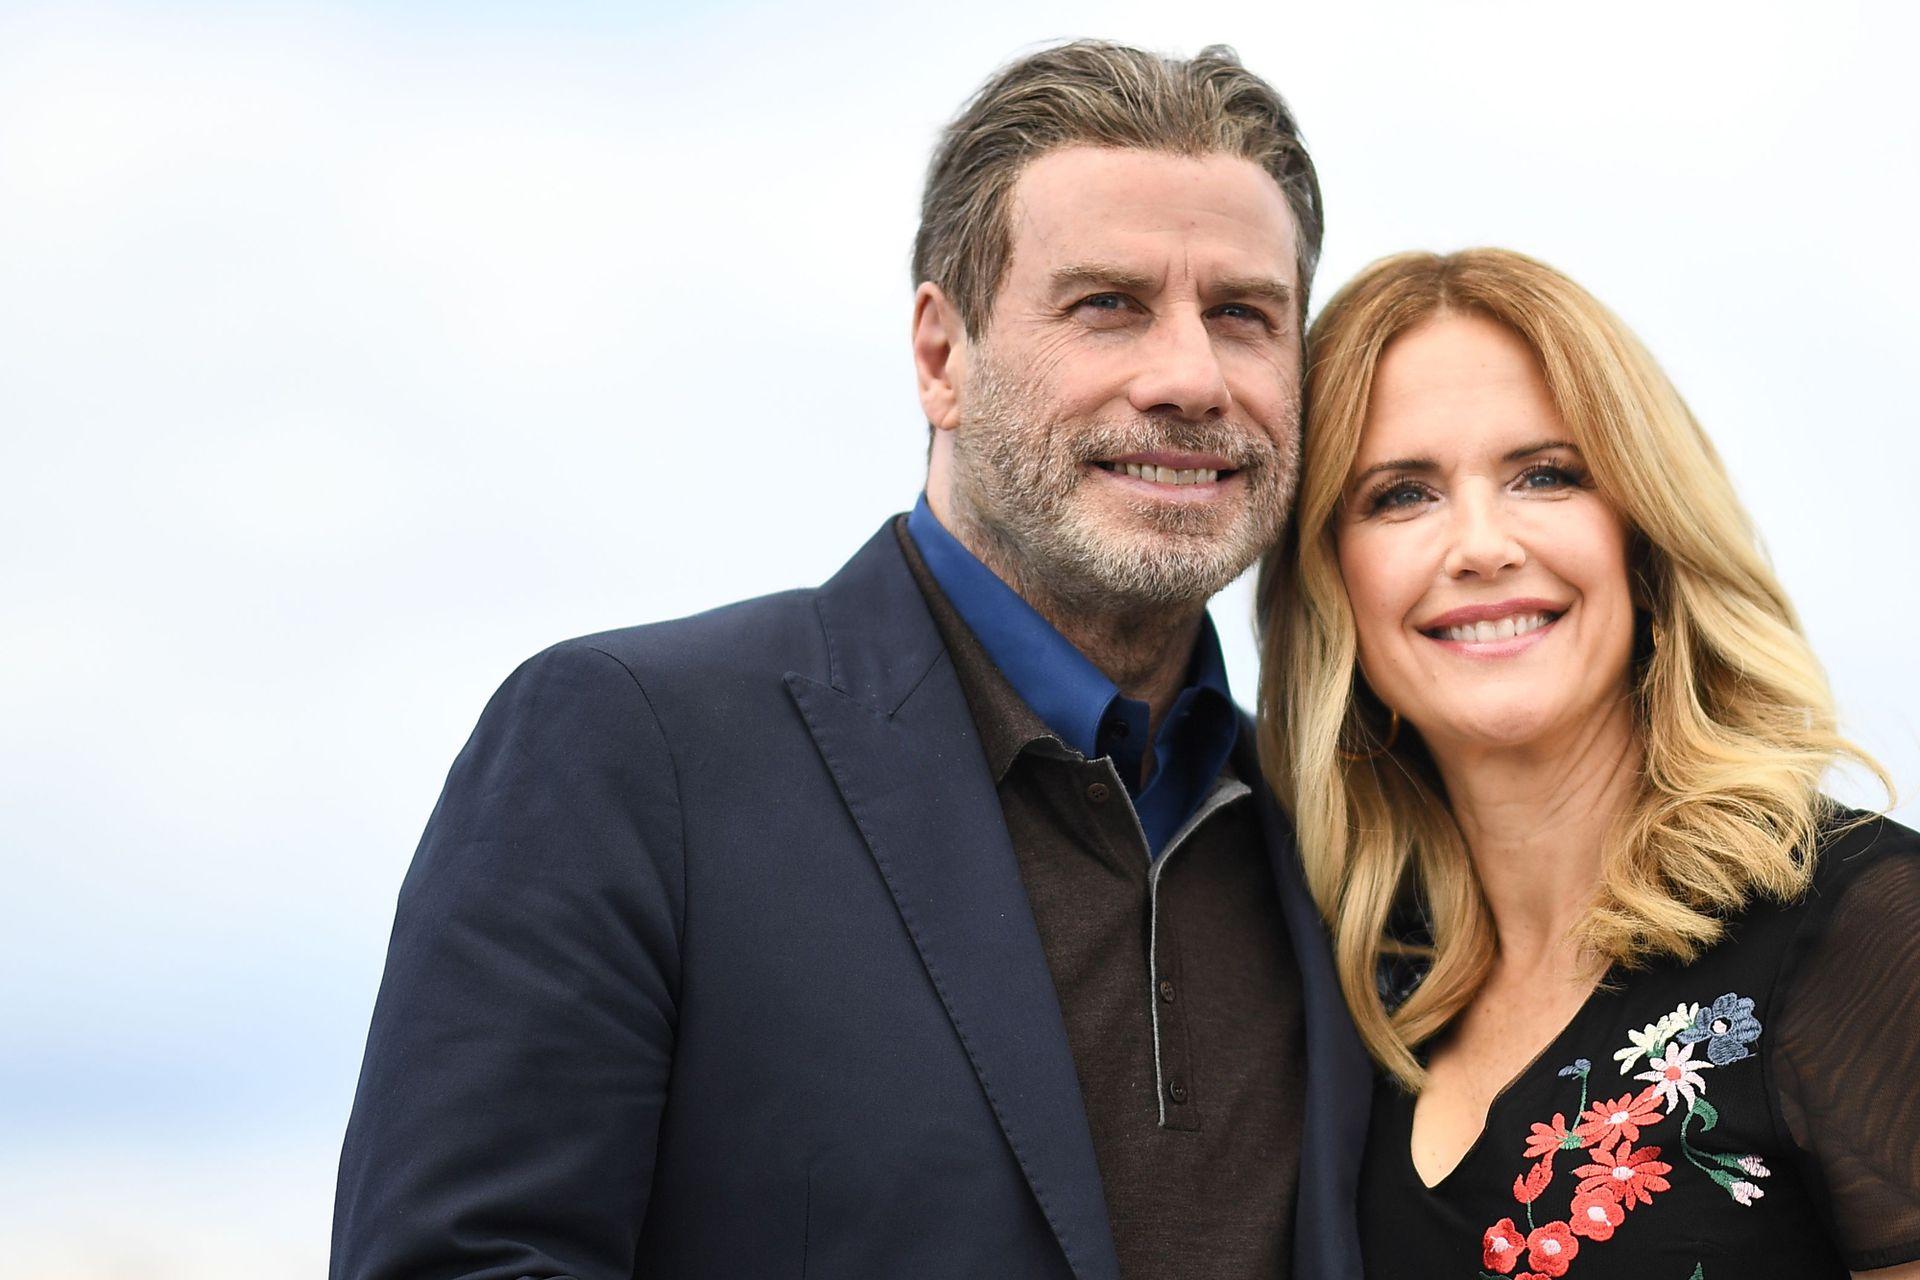 """Travolta: """"Realmente nos queremos mucho y mantenemos nuestra relación actualizada"""""""